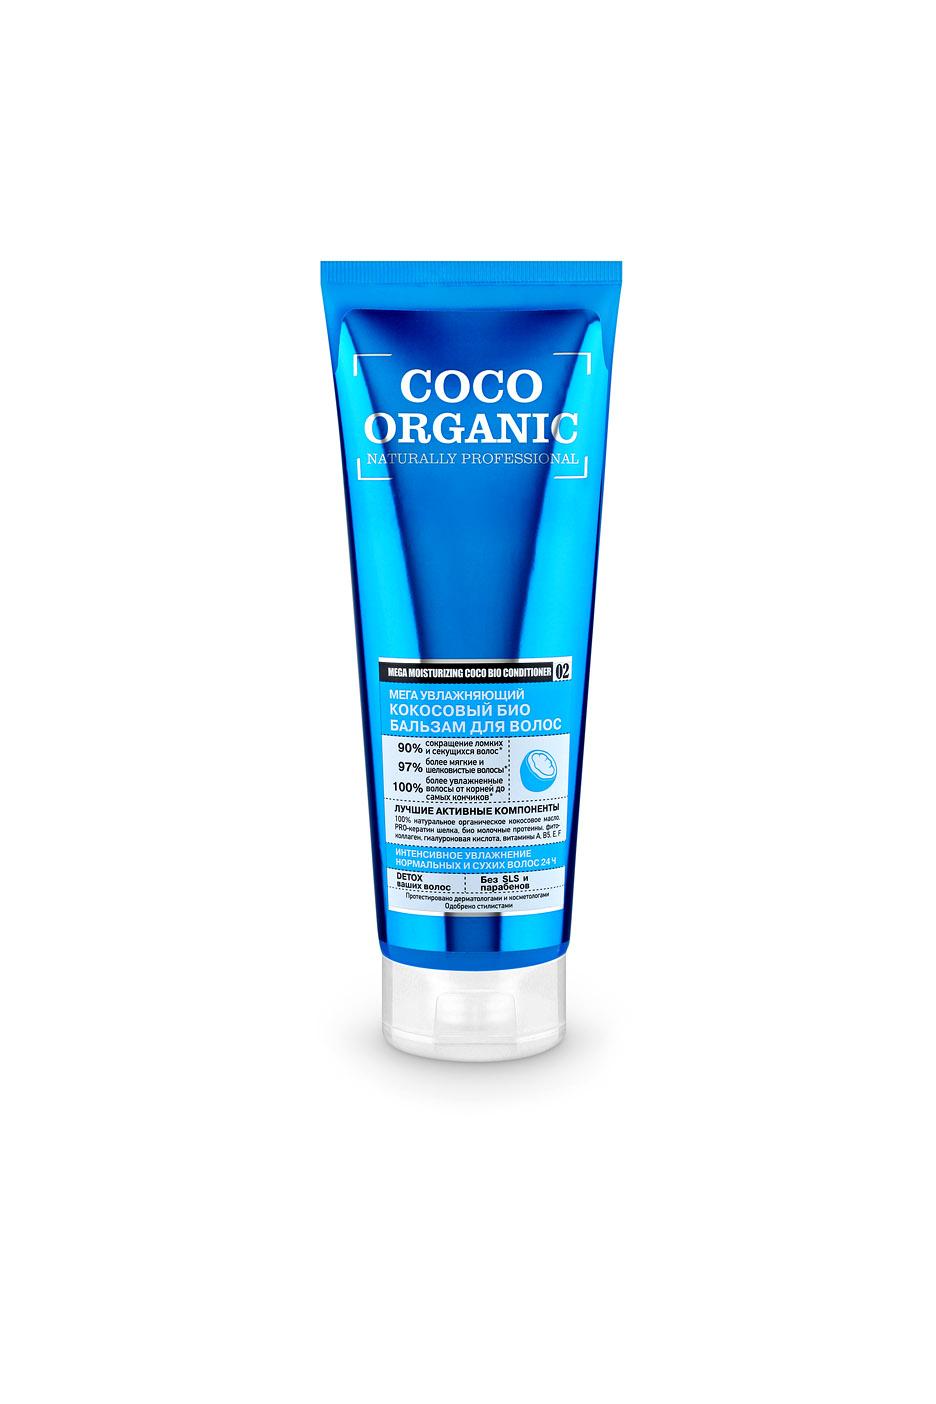 Оrganic Shop Naturally professional Бальзам для волос Мега увлажняющий, кокосовый, 250 млAC-2233_серый100% натуральное органическое кокосовое масло интенсивно увлажняет волосы, придает им мягкость и ослепительный блеск. Гиалуроновая кислота наполняет волосы живительной влагой, делает их упругими и эластичными. PRO-кератин шелка защищает волосы от пересушивания, термо и УФ воздействий, удерживая влагу внутри волоса. Био молочные протеины предотвращают повреждение волосяных луковиц, активно увлажняя их. Фито-коллаген уплотняет волосы, устраняет ломкость и сечение.Товар сертифицирован.